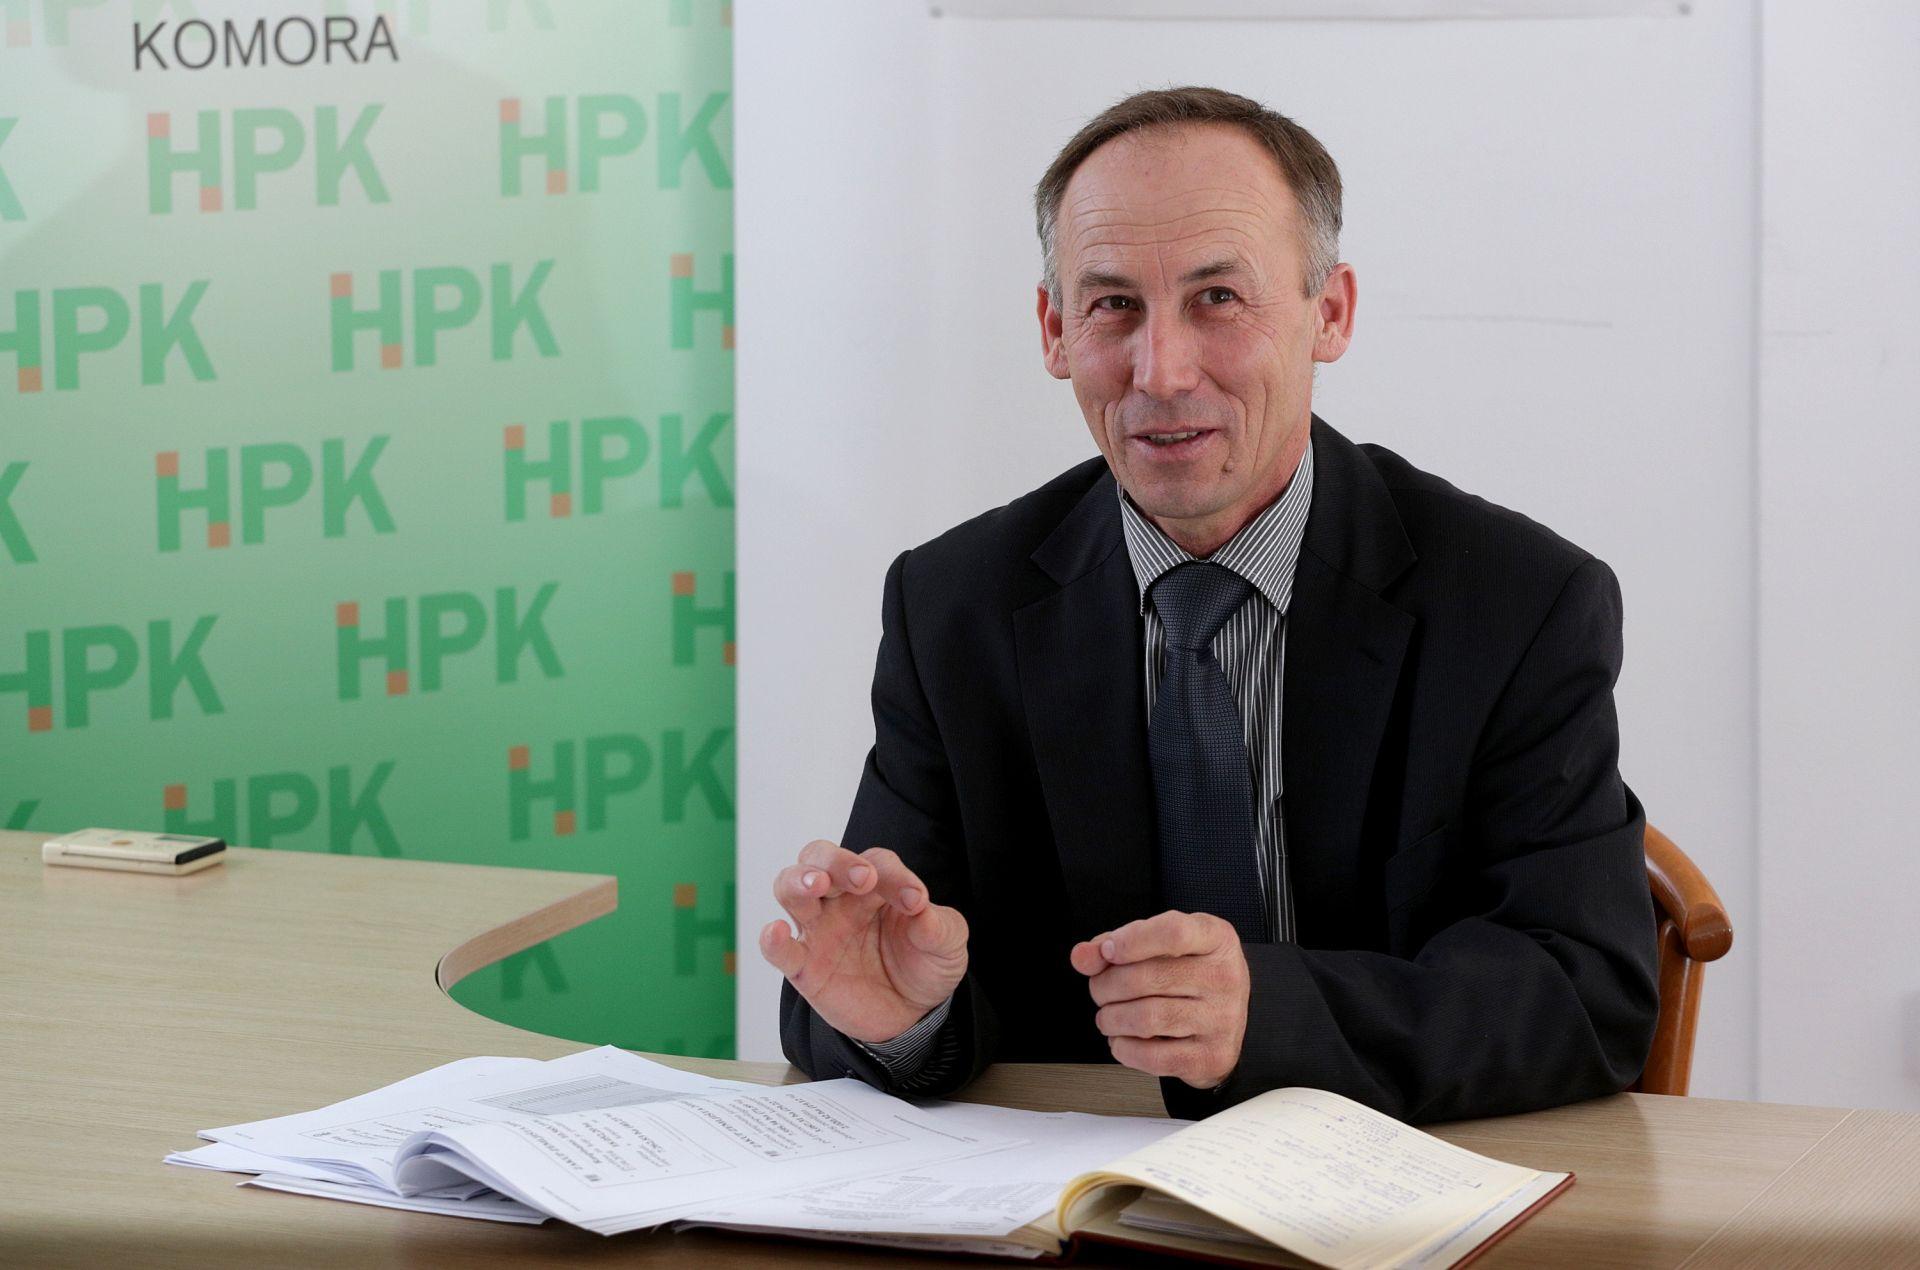 HSS: Nužno je poduzeti mjere za revitaliziranje poljoprivrede